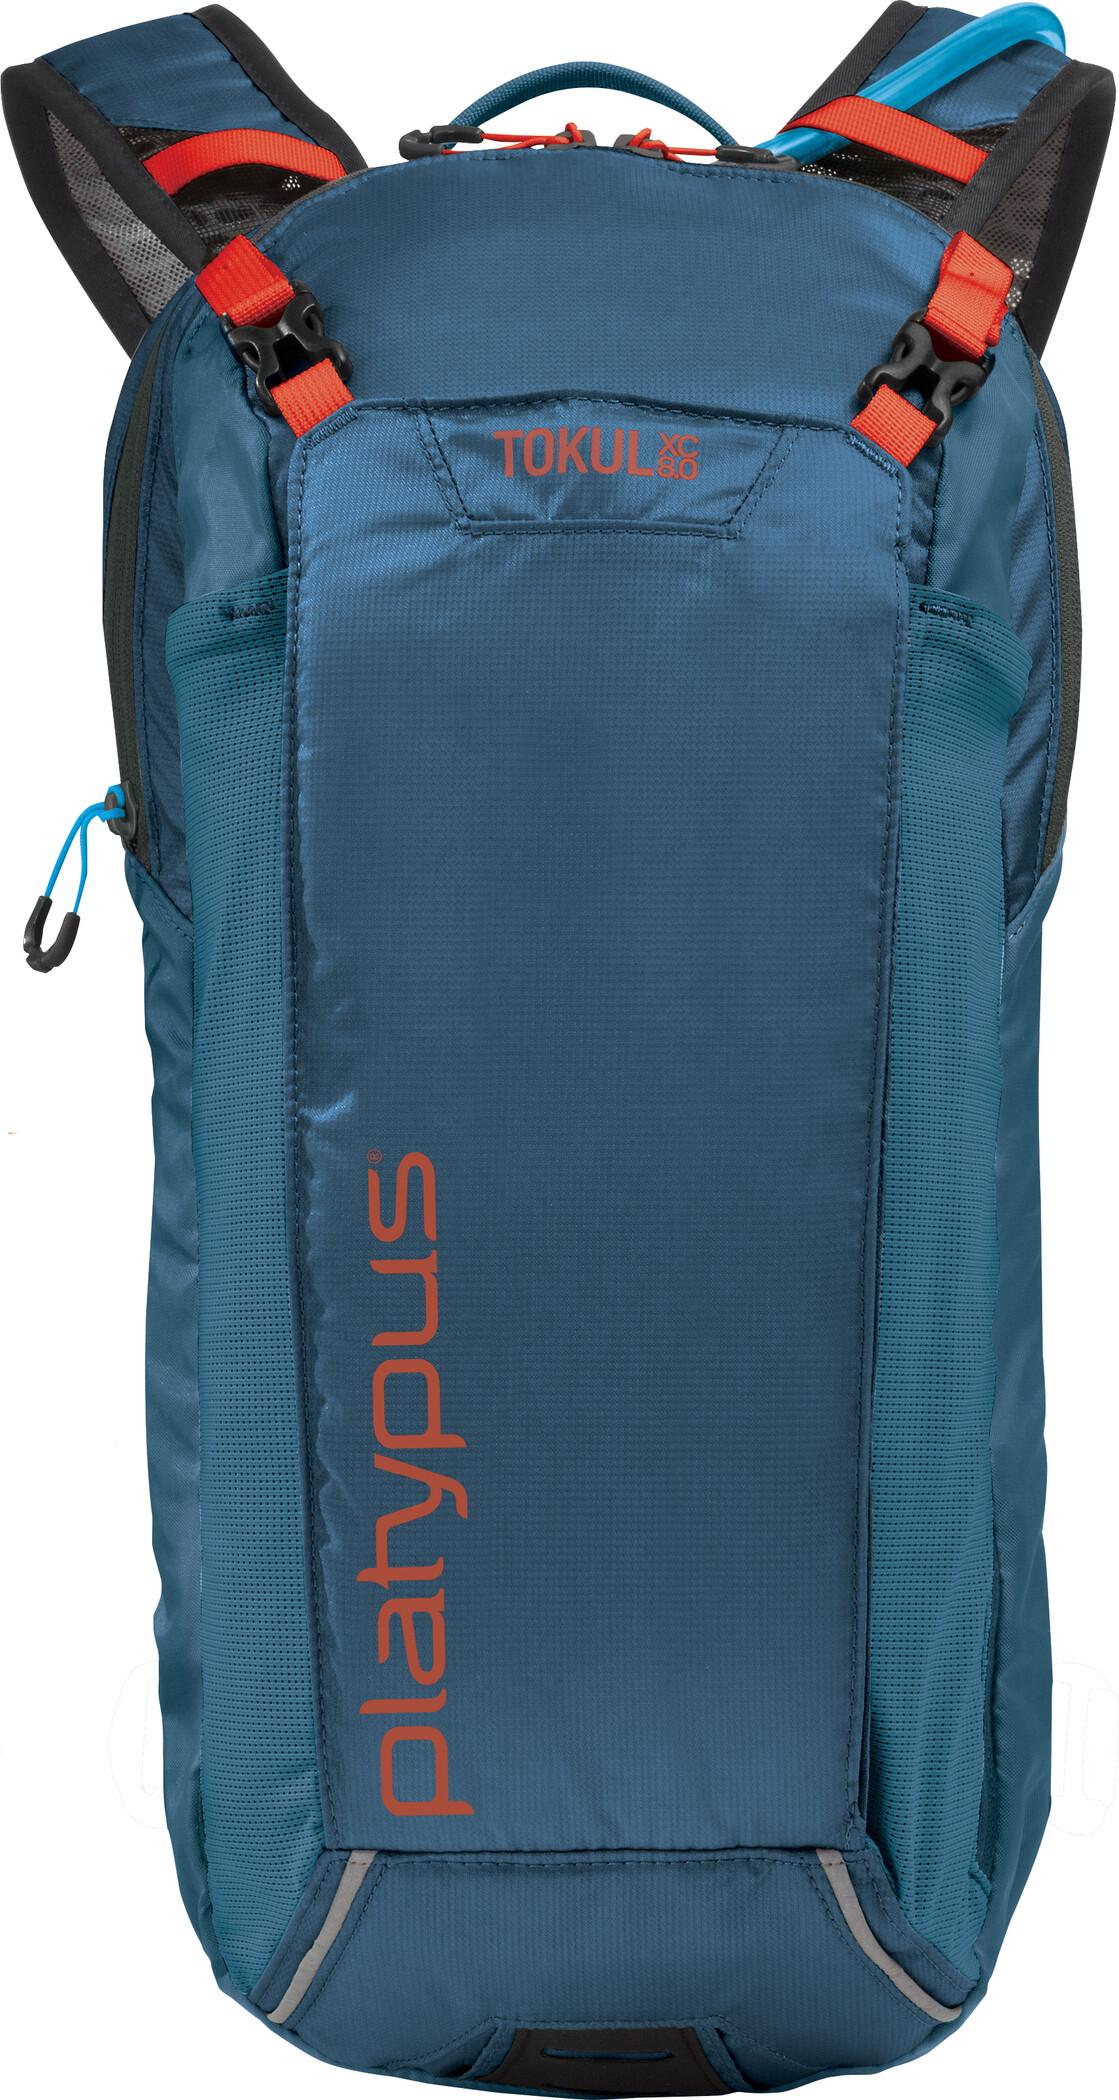 Platypus Tokul 8 Pack, coastal blue (2019)   item_misc